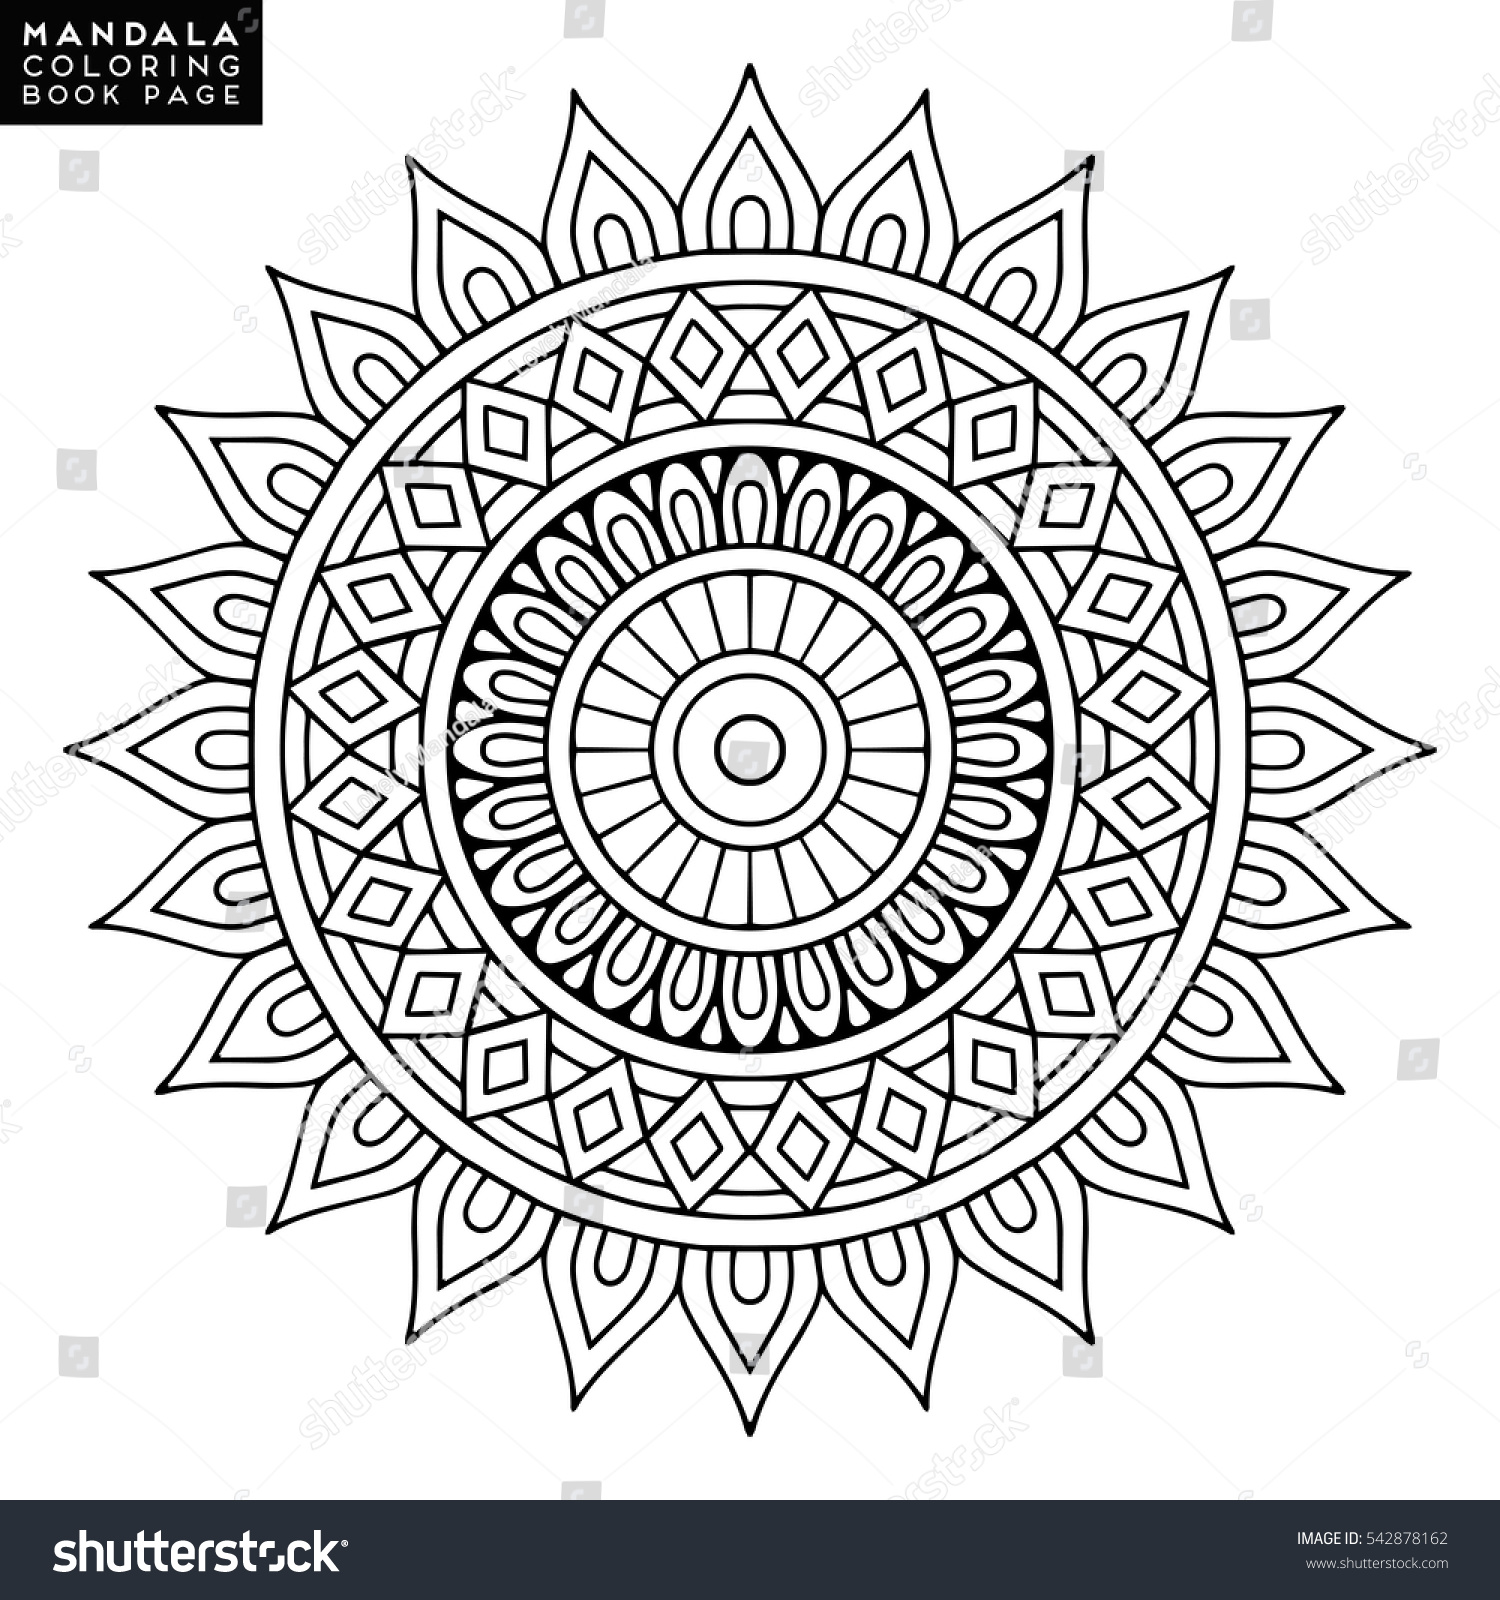 Flower Mandala Vintage Decorative Elements Oriental Image Vectorielle 542878162